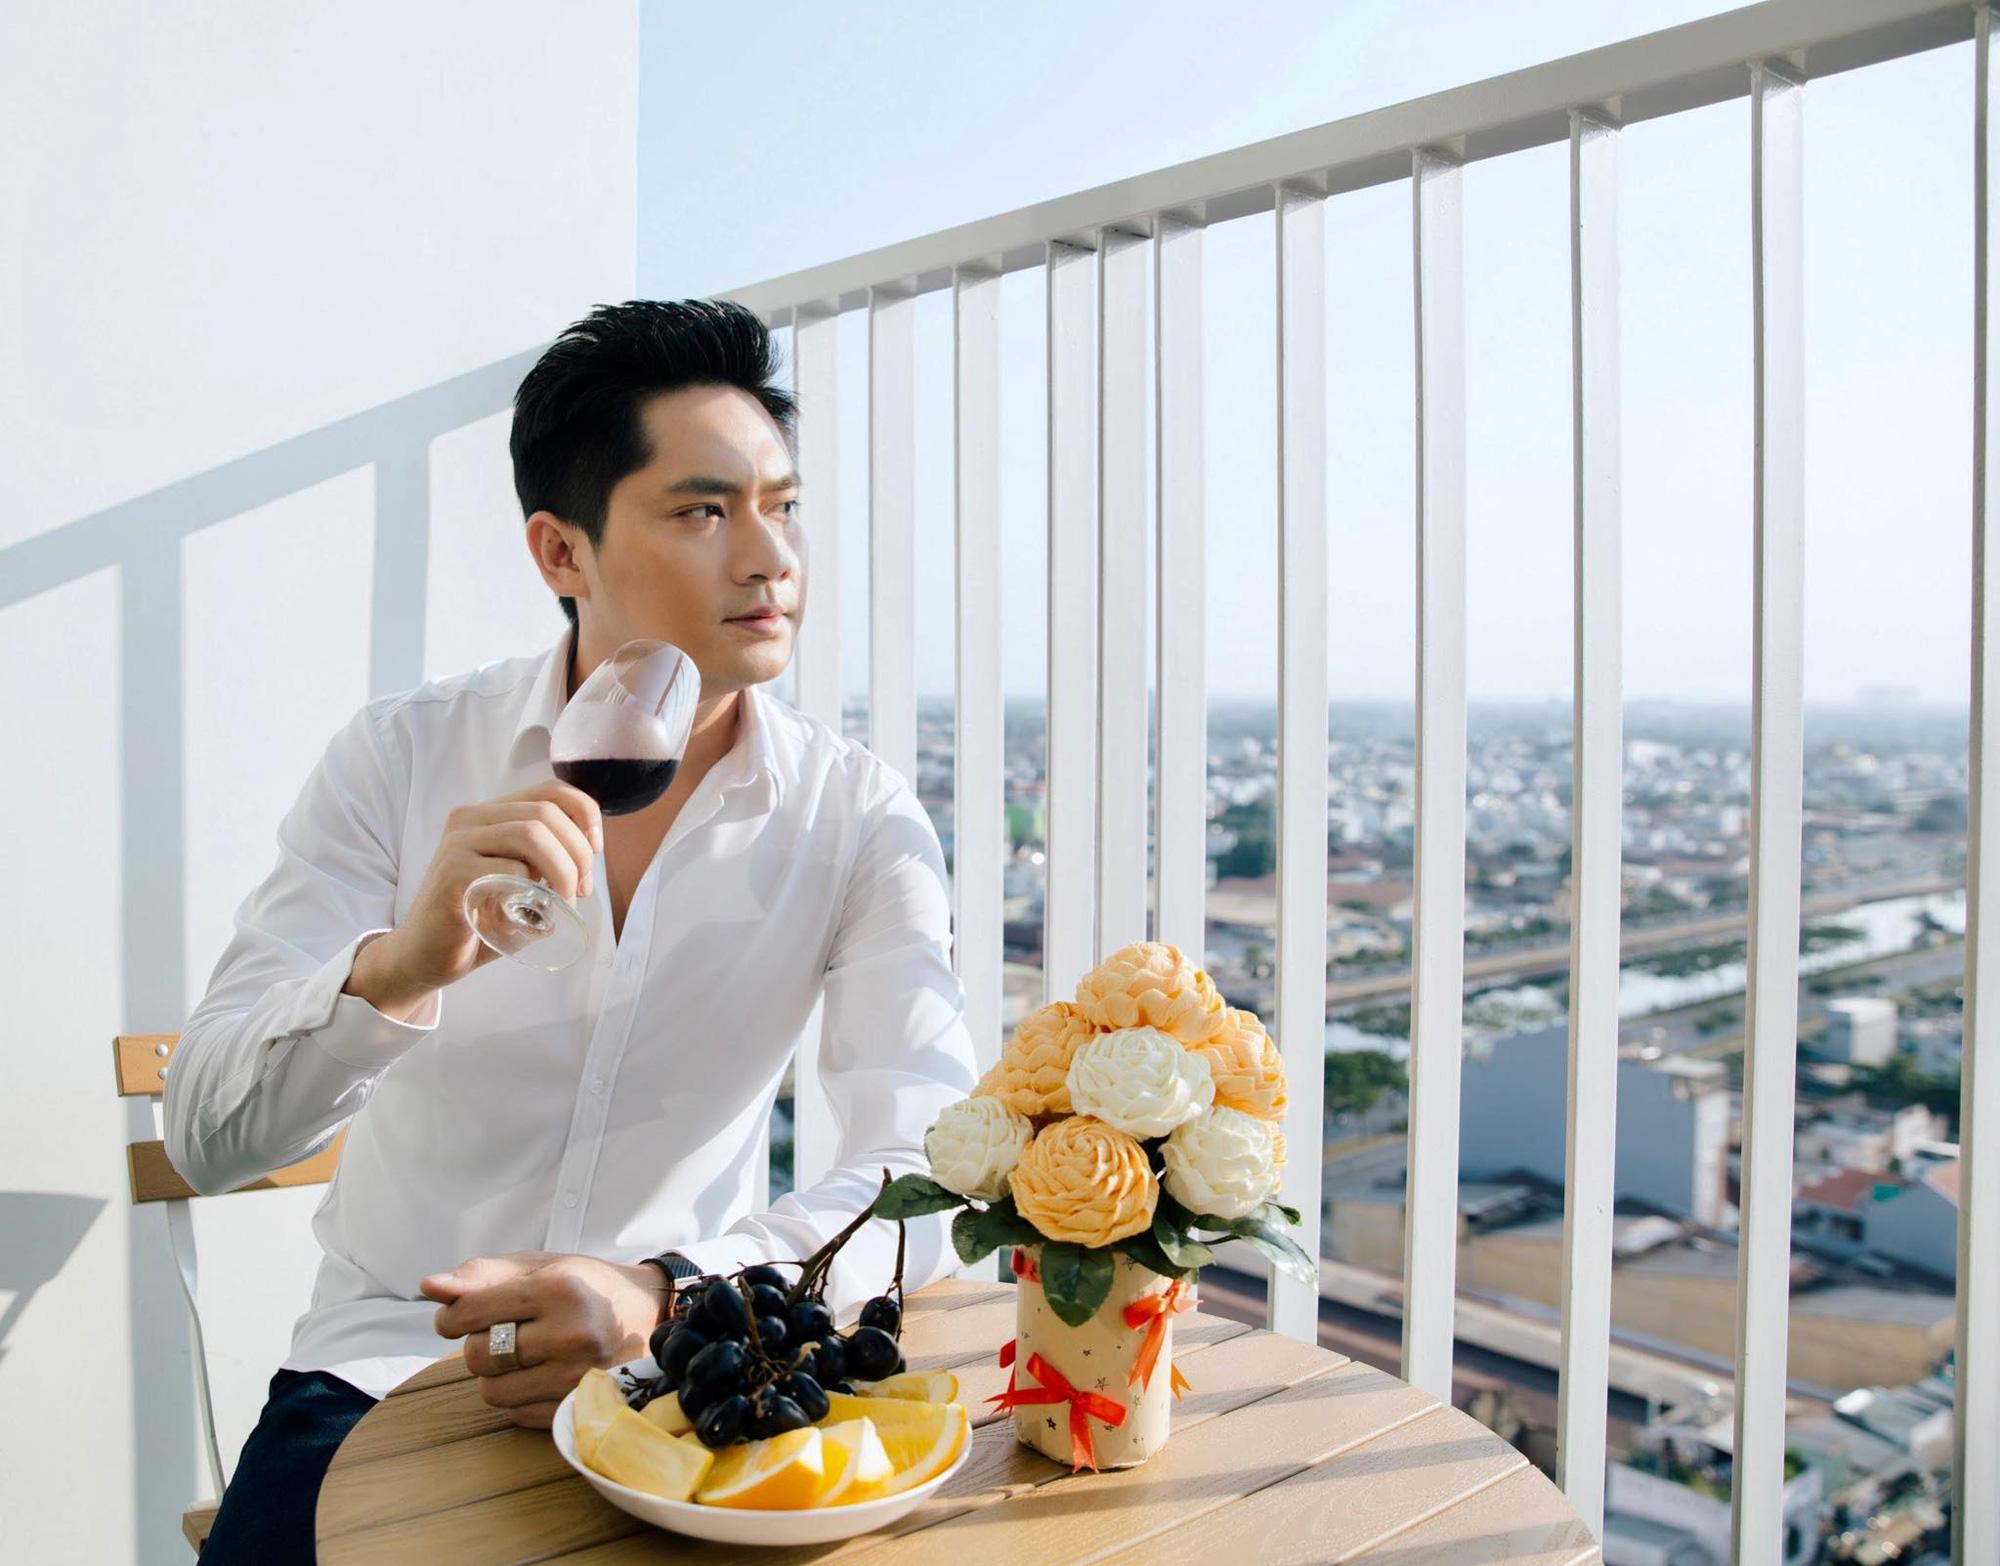 Góc khuất về diễn viên Minh Luân: 3 cuộc tình dang dở, từng sống nhờ vào học bổng - Ảnh 1.